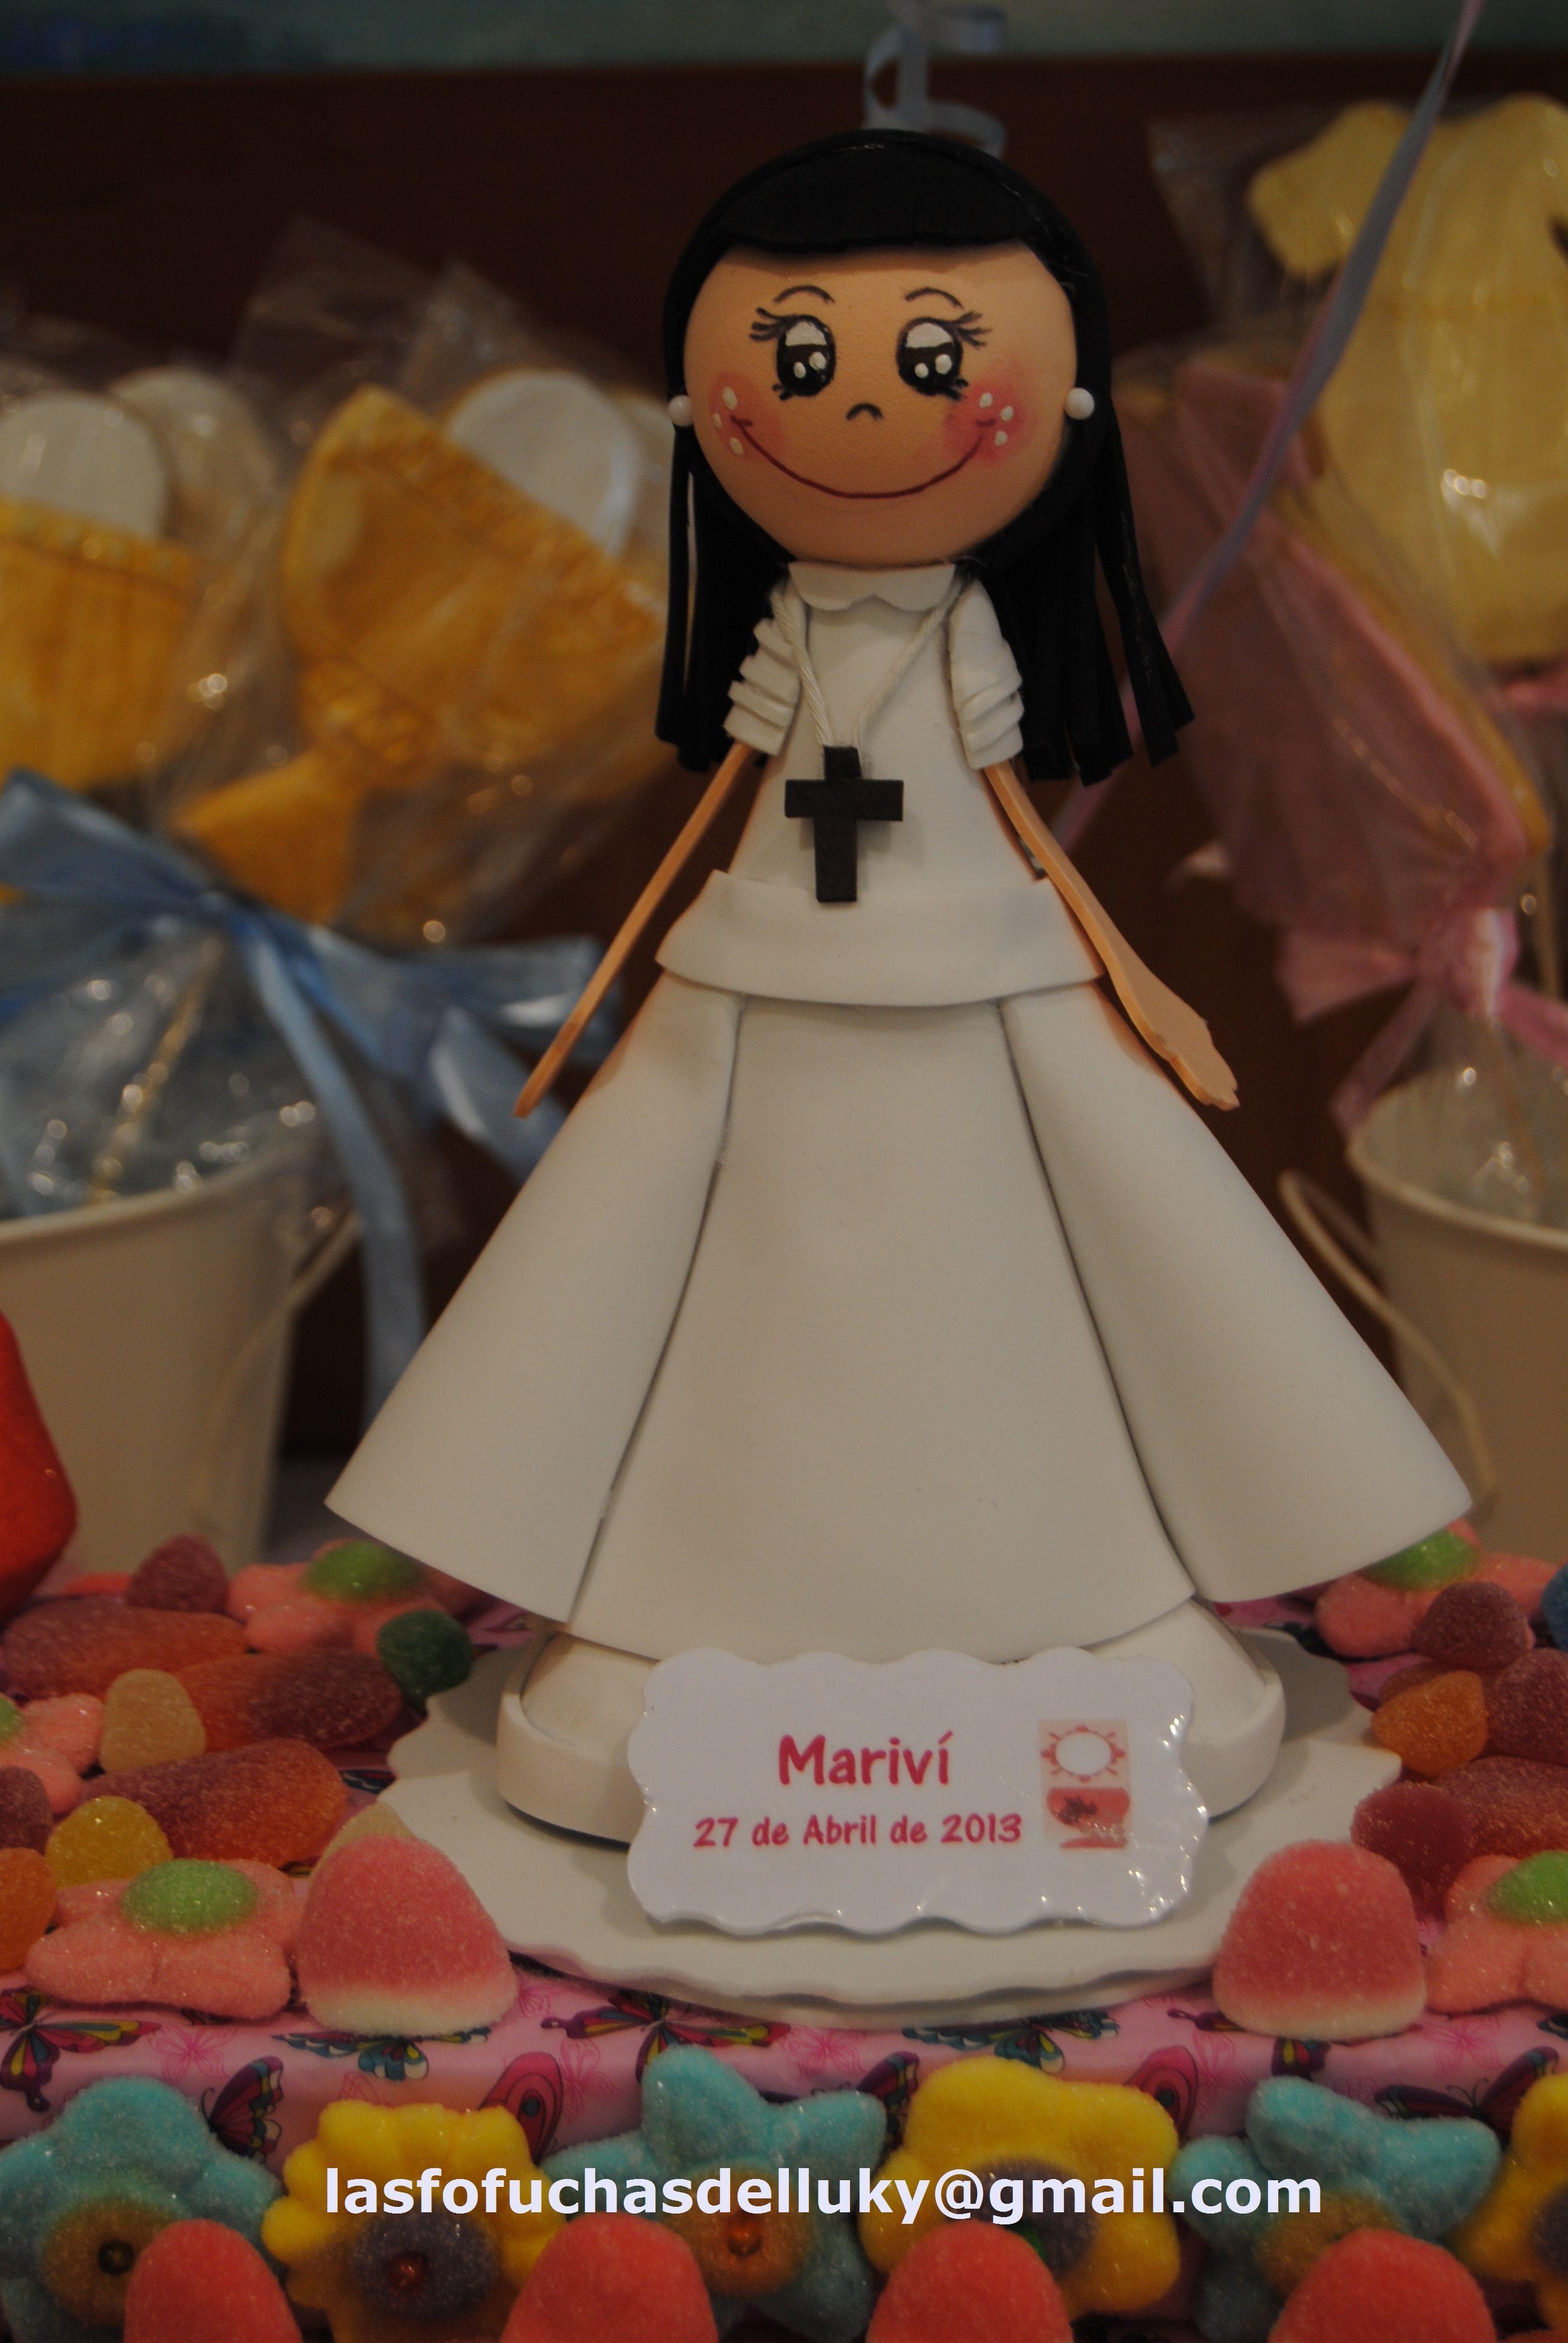 dee376a1f44 Fofucha Primera Comunión Mariví en tarta de chuches Fofucha doll First  Comunon Marivi on cake of sweets